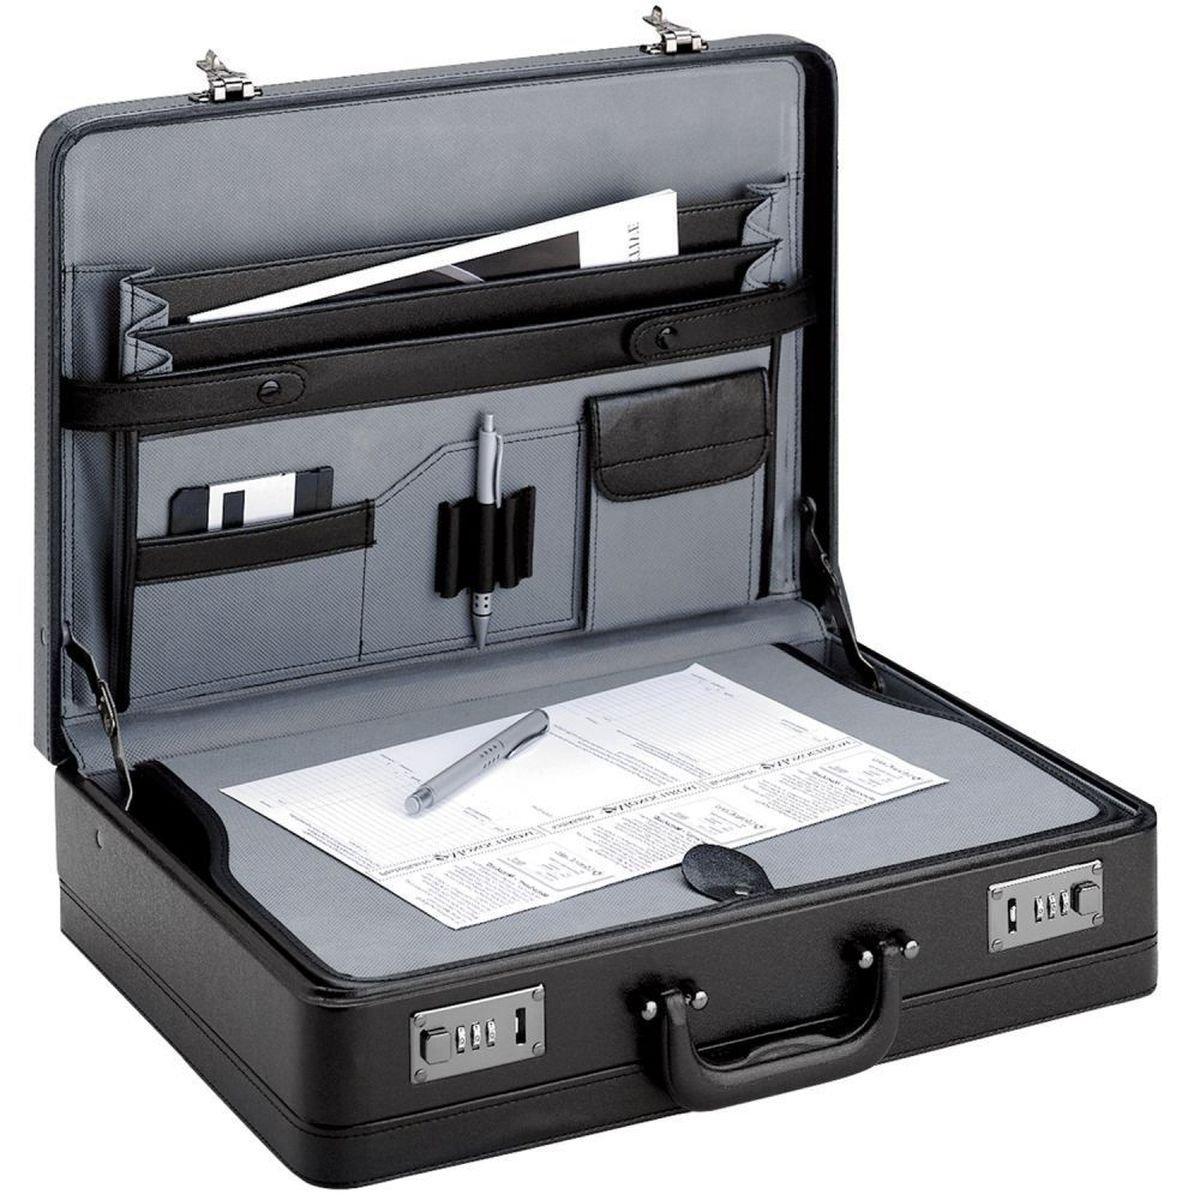 Aktenkoffer Business Koffer 46x33x12cm Schwarz extra breit Dehnfalte Erweiterbar mit Schreibplatte Bowatex